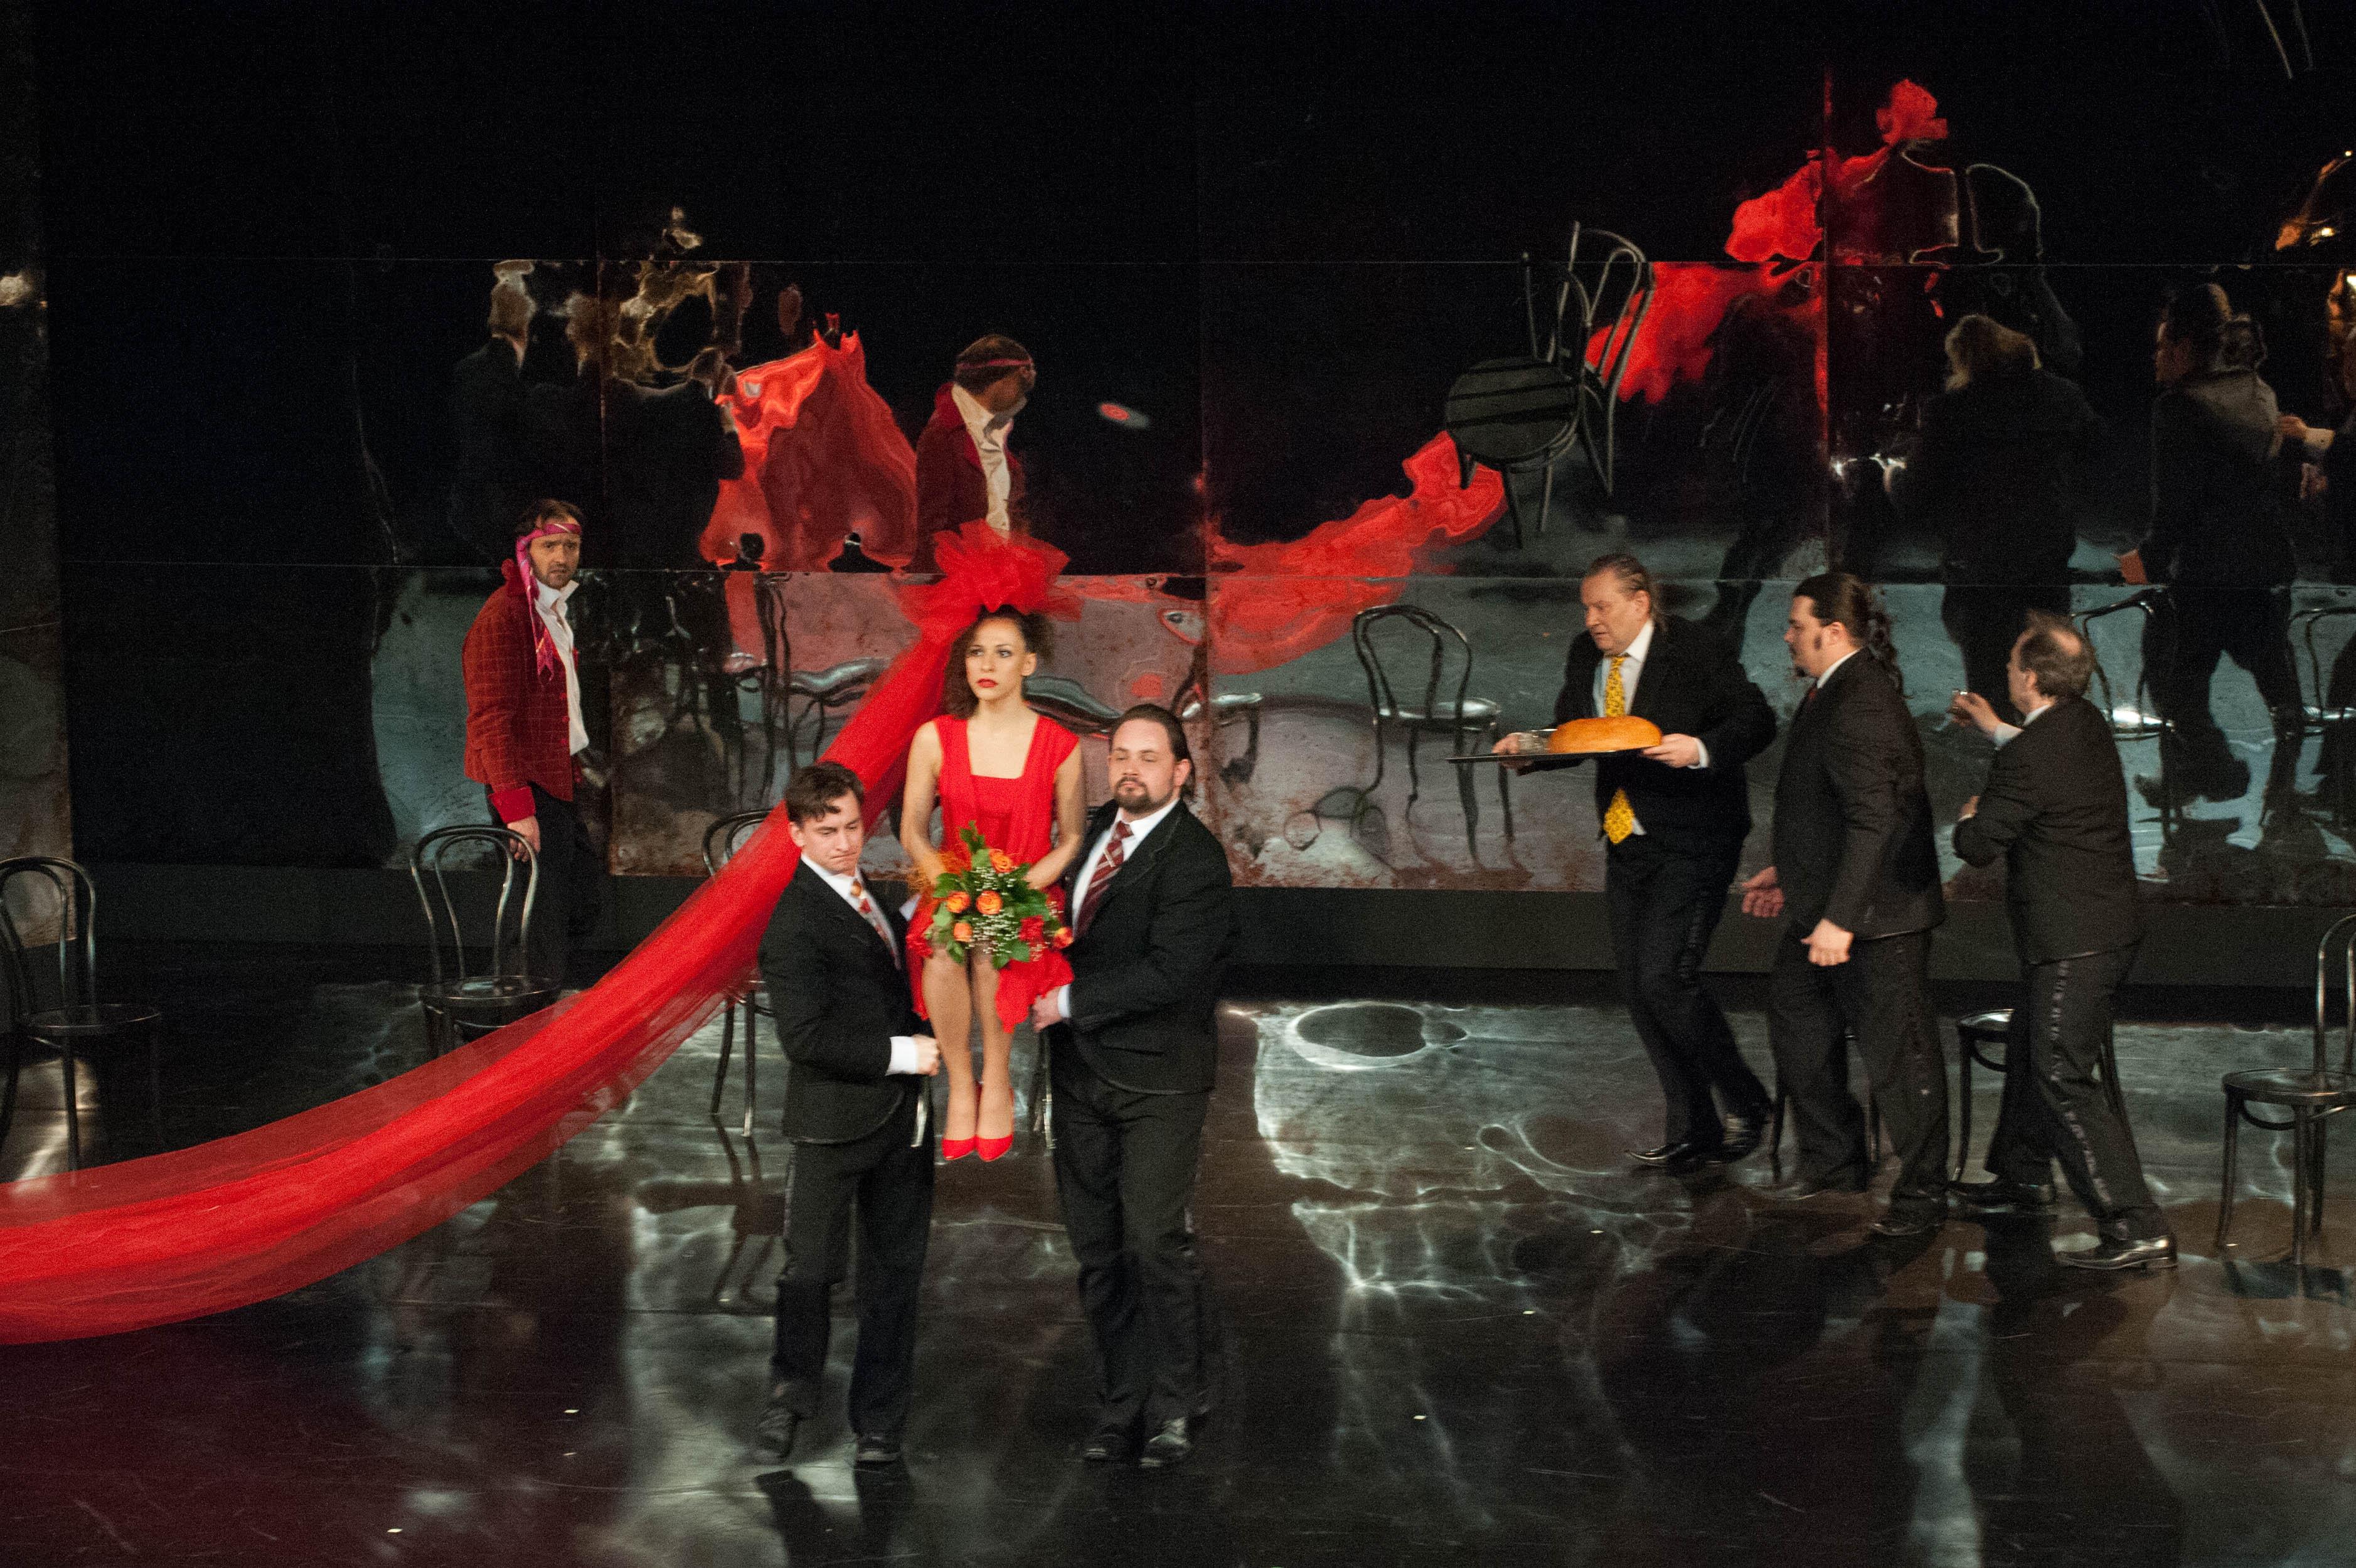 Aktorzy w garniturach niosą siedzącą na krześle aktorkę w czerwonej sukni